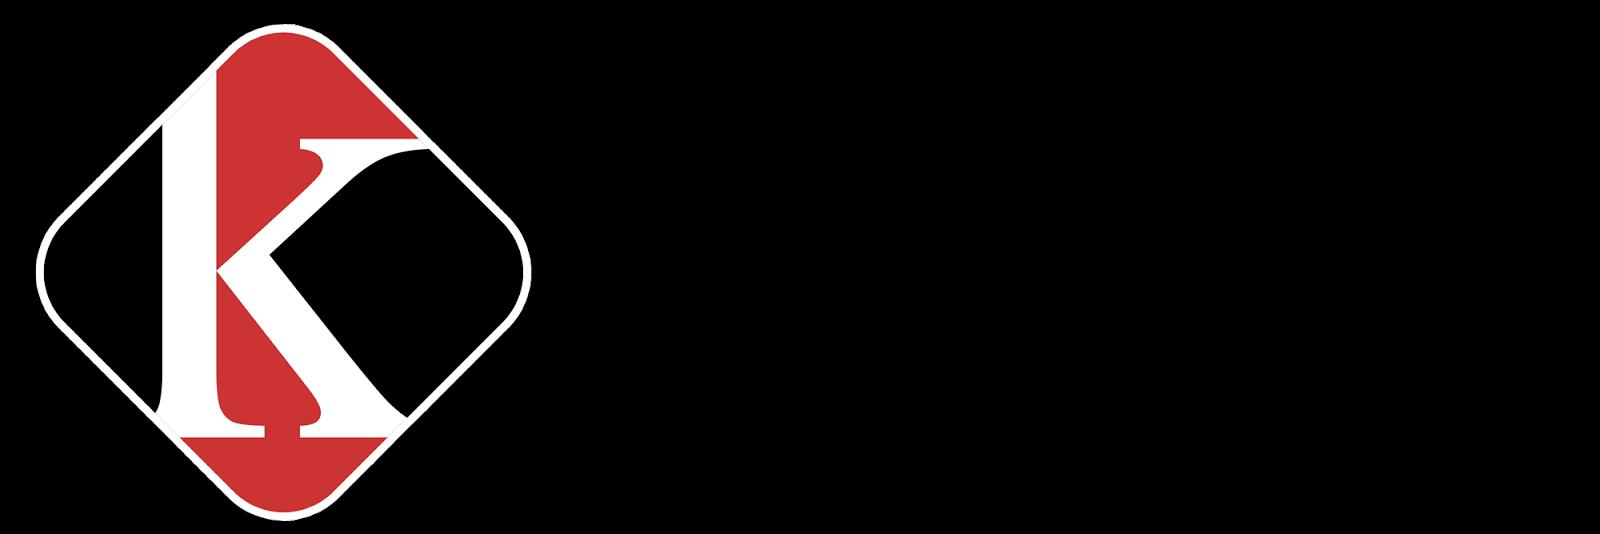 keronyingi